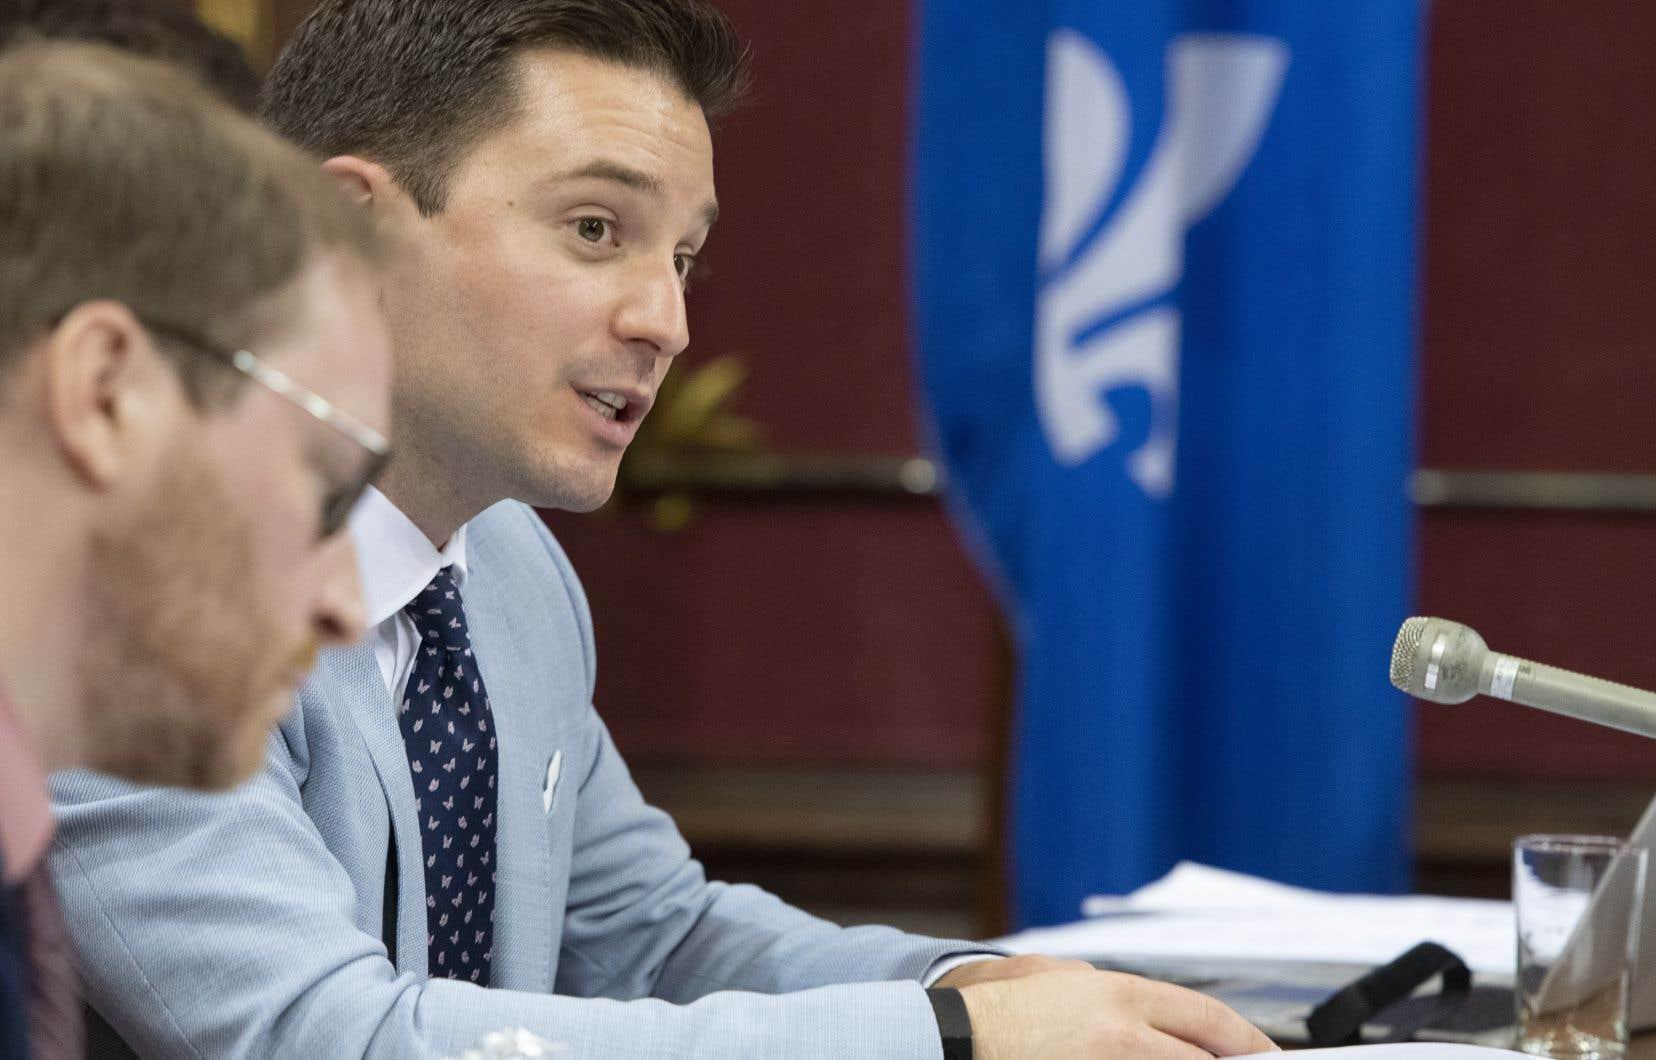 Le Mouvement laïque québécois a invité le ministre Simon Jolin-Barrette à proscrire le port de signes religieux auprès de tous les employés de l'État.